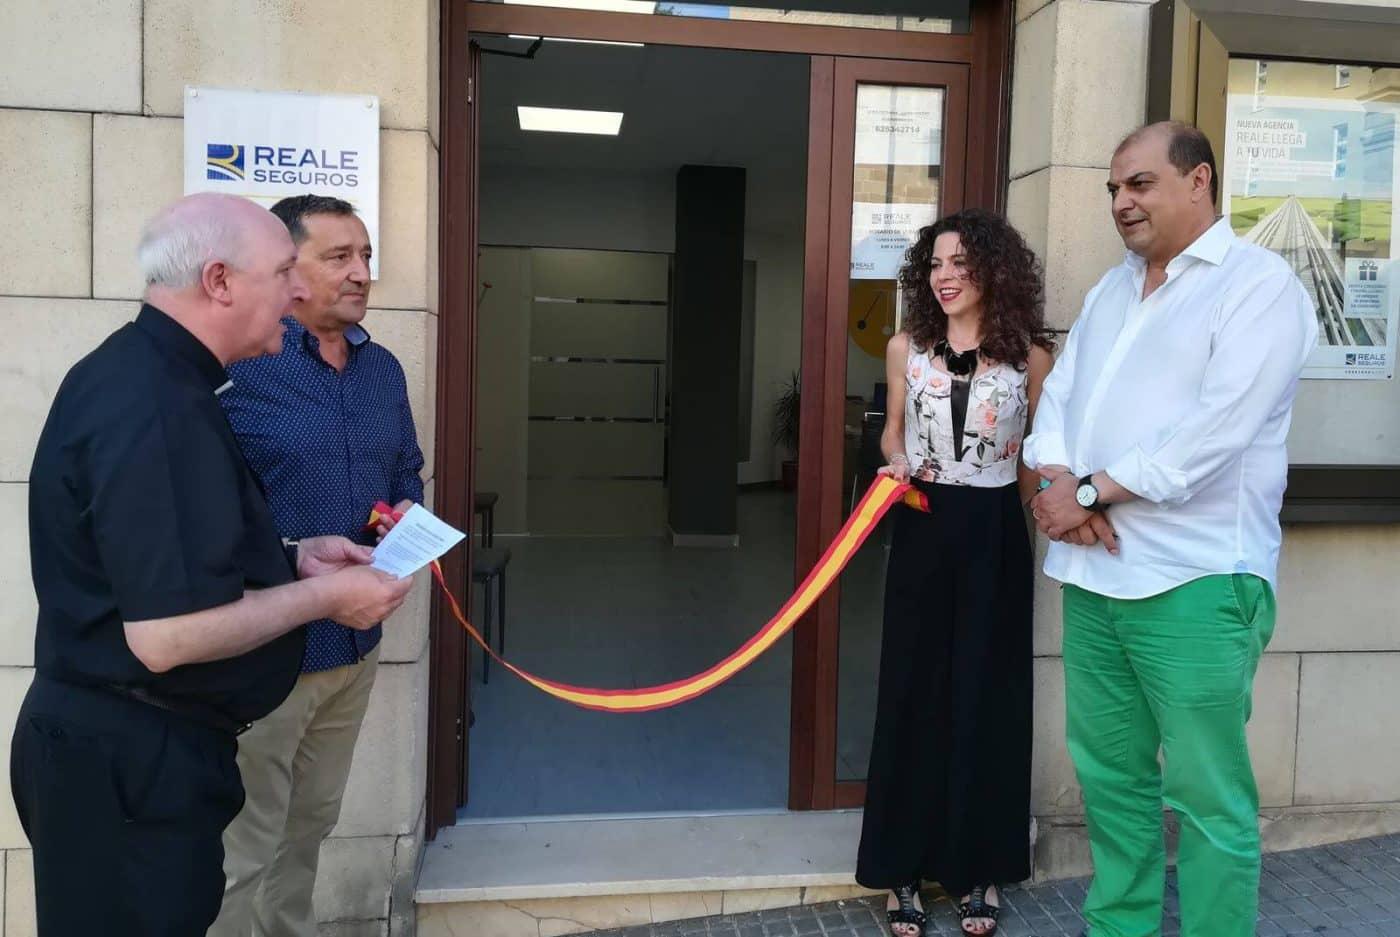 Reale seguros inaugura oficina en haro - Reale seguros oficinas ...